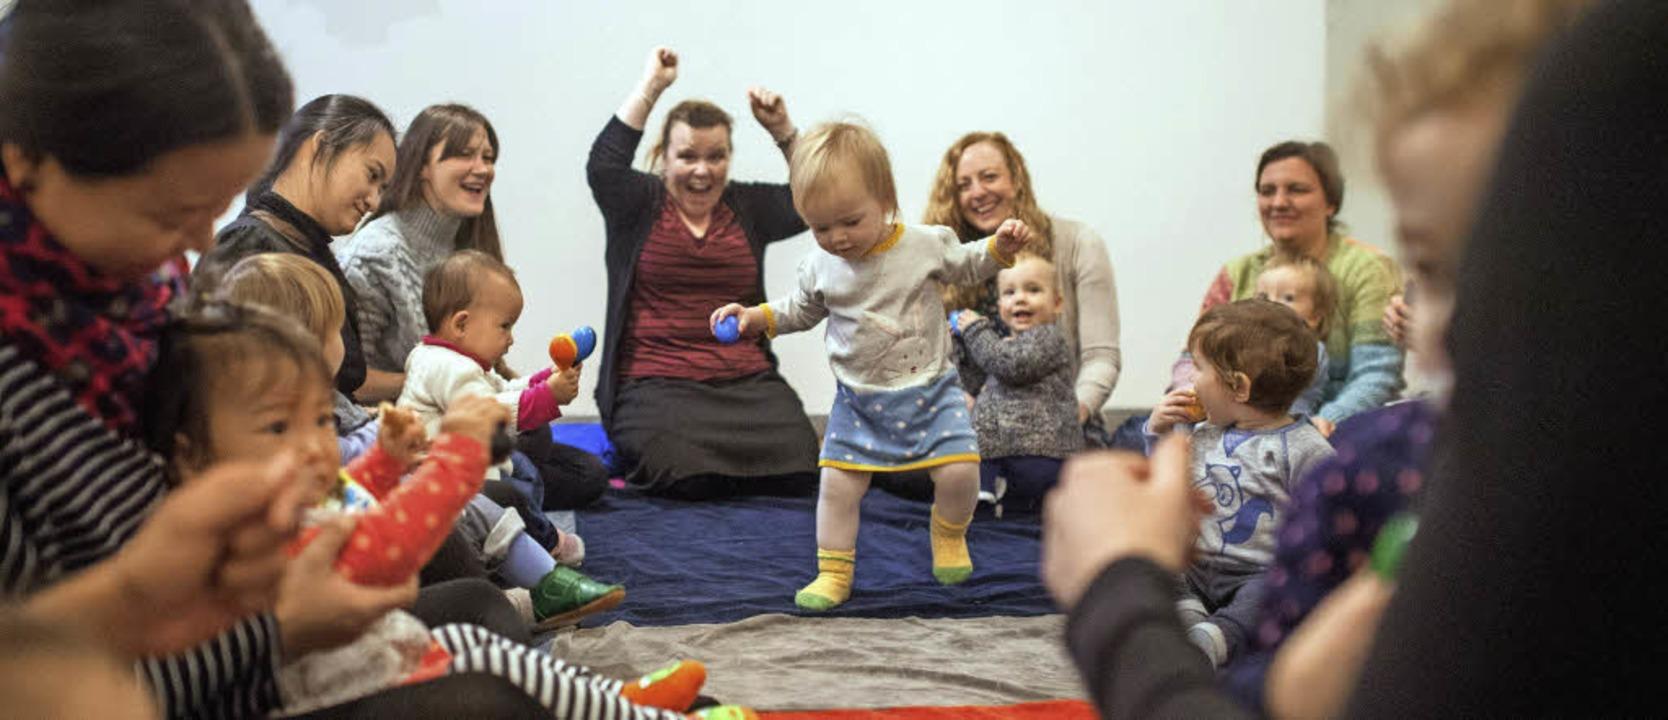 Die 14 Monate alte Sophia sammelt erst... Louise Watts (Mitte) ist begeistert.   | Foto: dpa